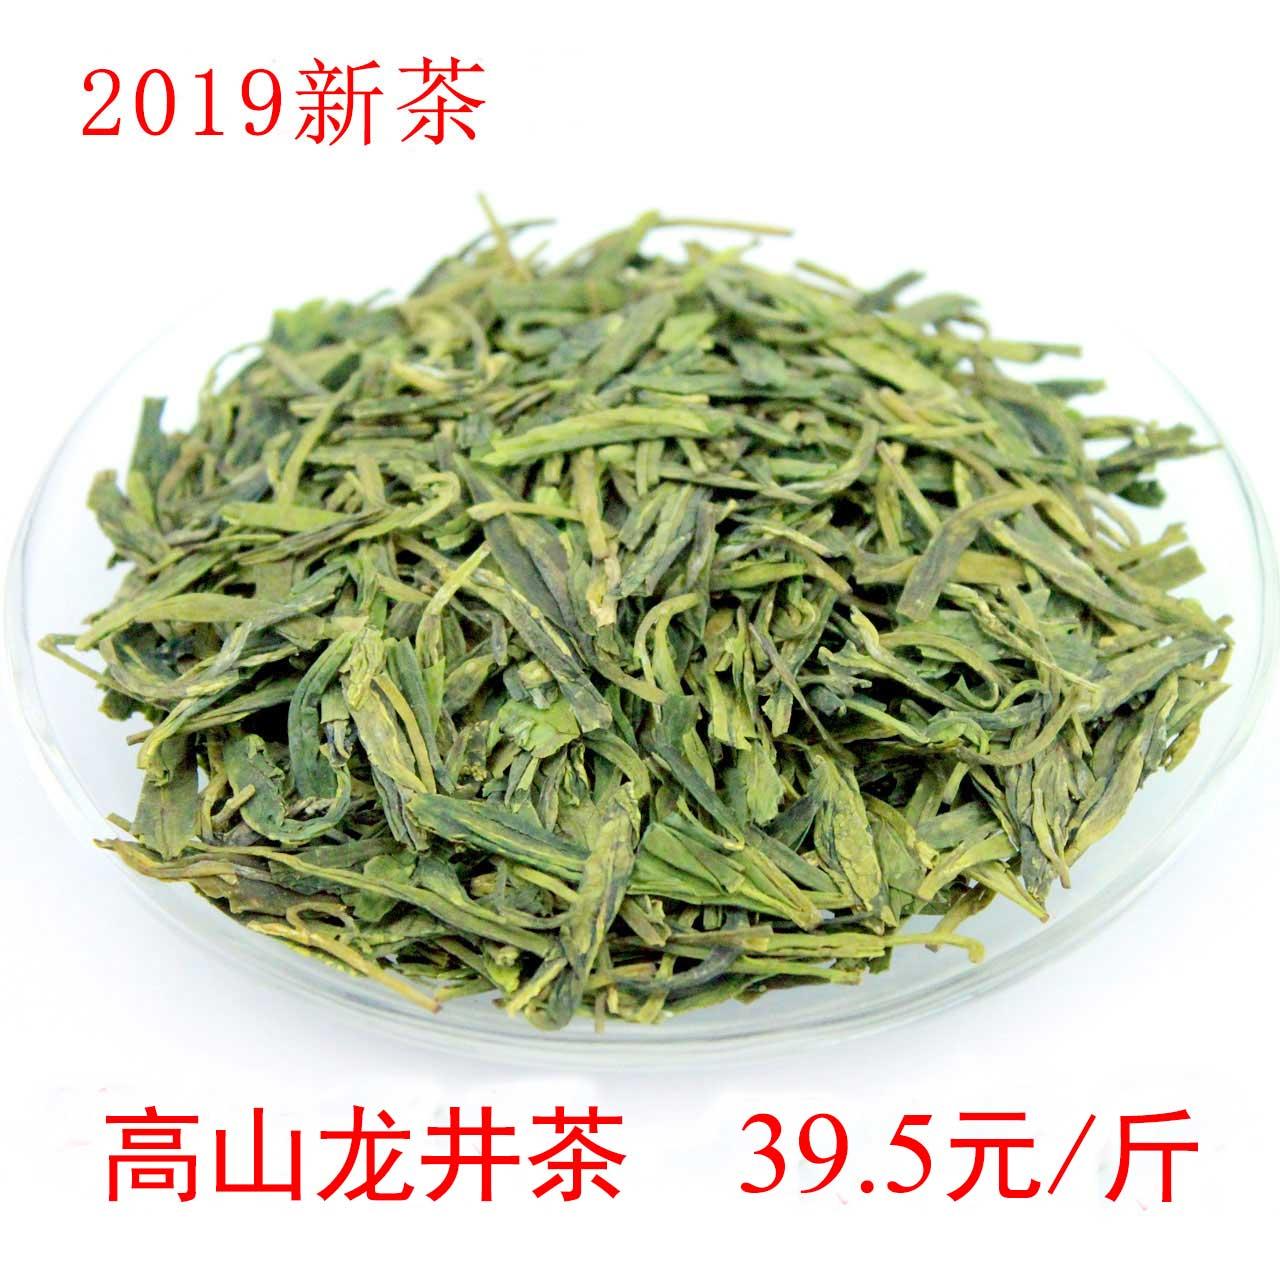 2020年新茶茶茶茶茶葉緑茶バルク大仏竜井茶高山龍井春茶農家直営500 g